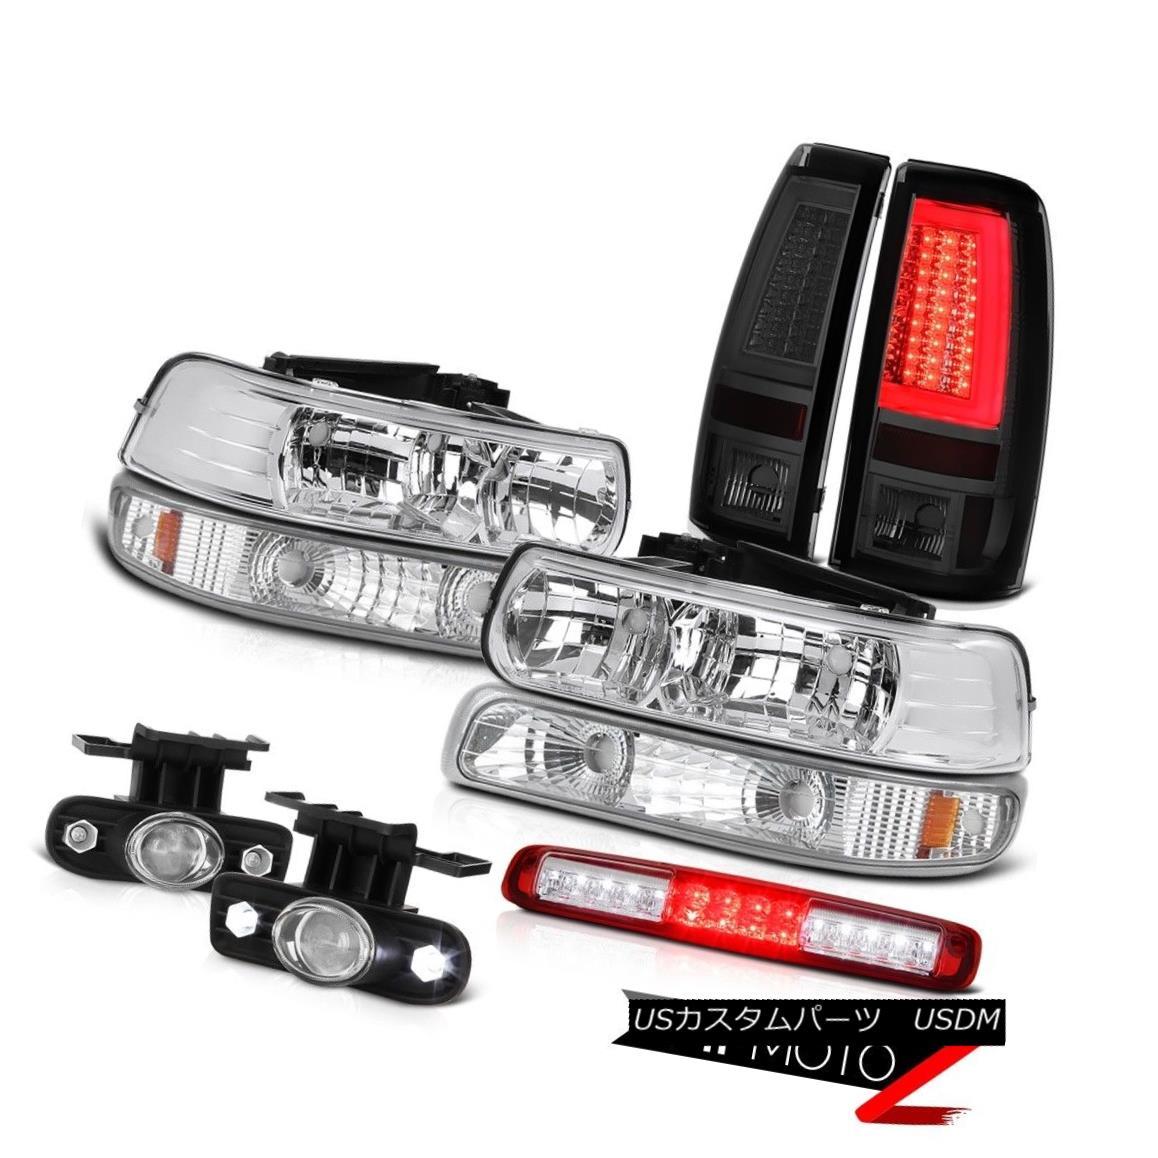 テールライト 99-02 Silverado 4WD Tail Lamps Turn Signal Headlights Roof Brake Lamp Fog Lights 99-02 Silverado 4WDテールランプターンシグナルヘッドライトルーフブレーキランプフォグライト